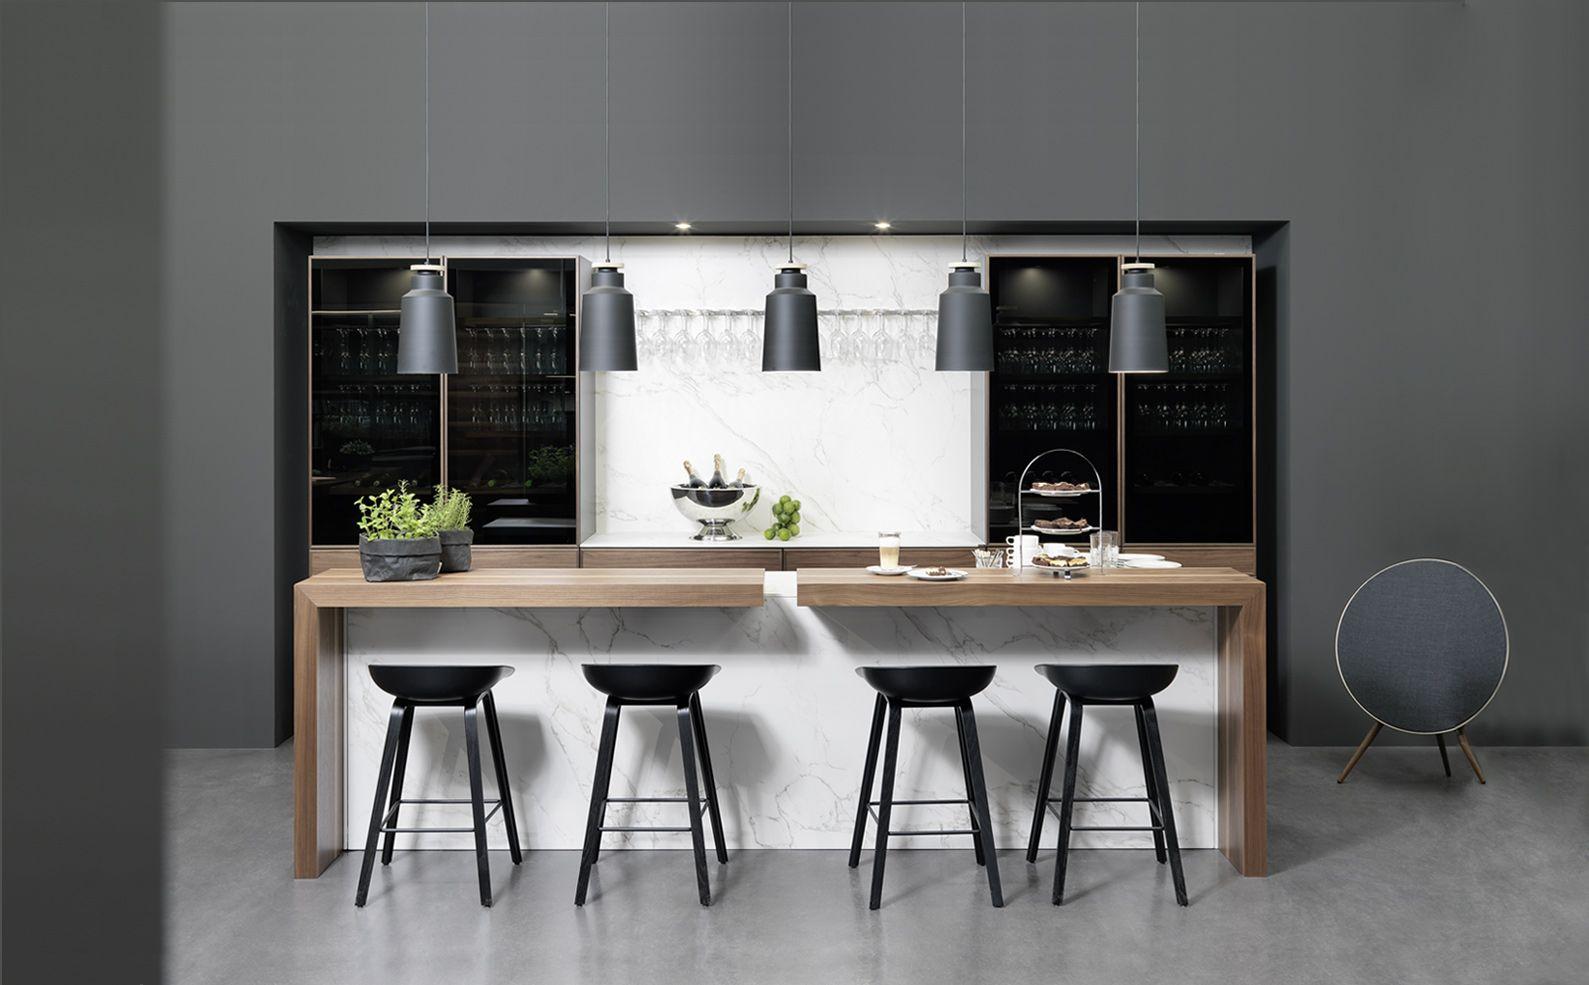 rational einbauküchen - | kitchen ideas | Pinterest | Kitchen ...